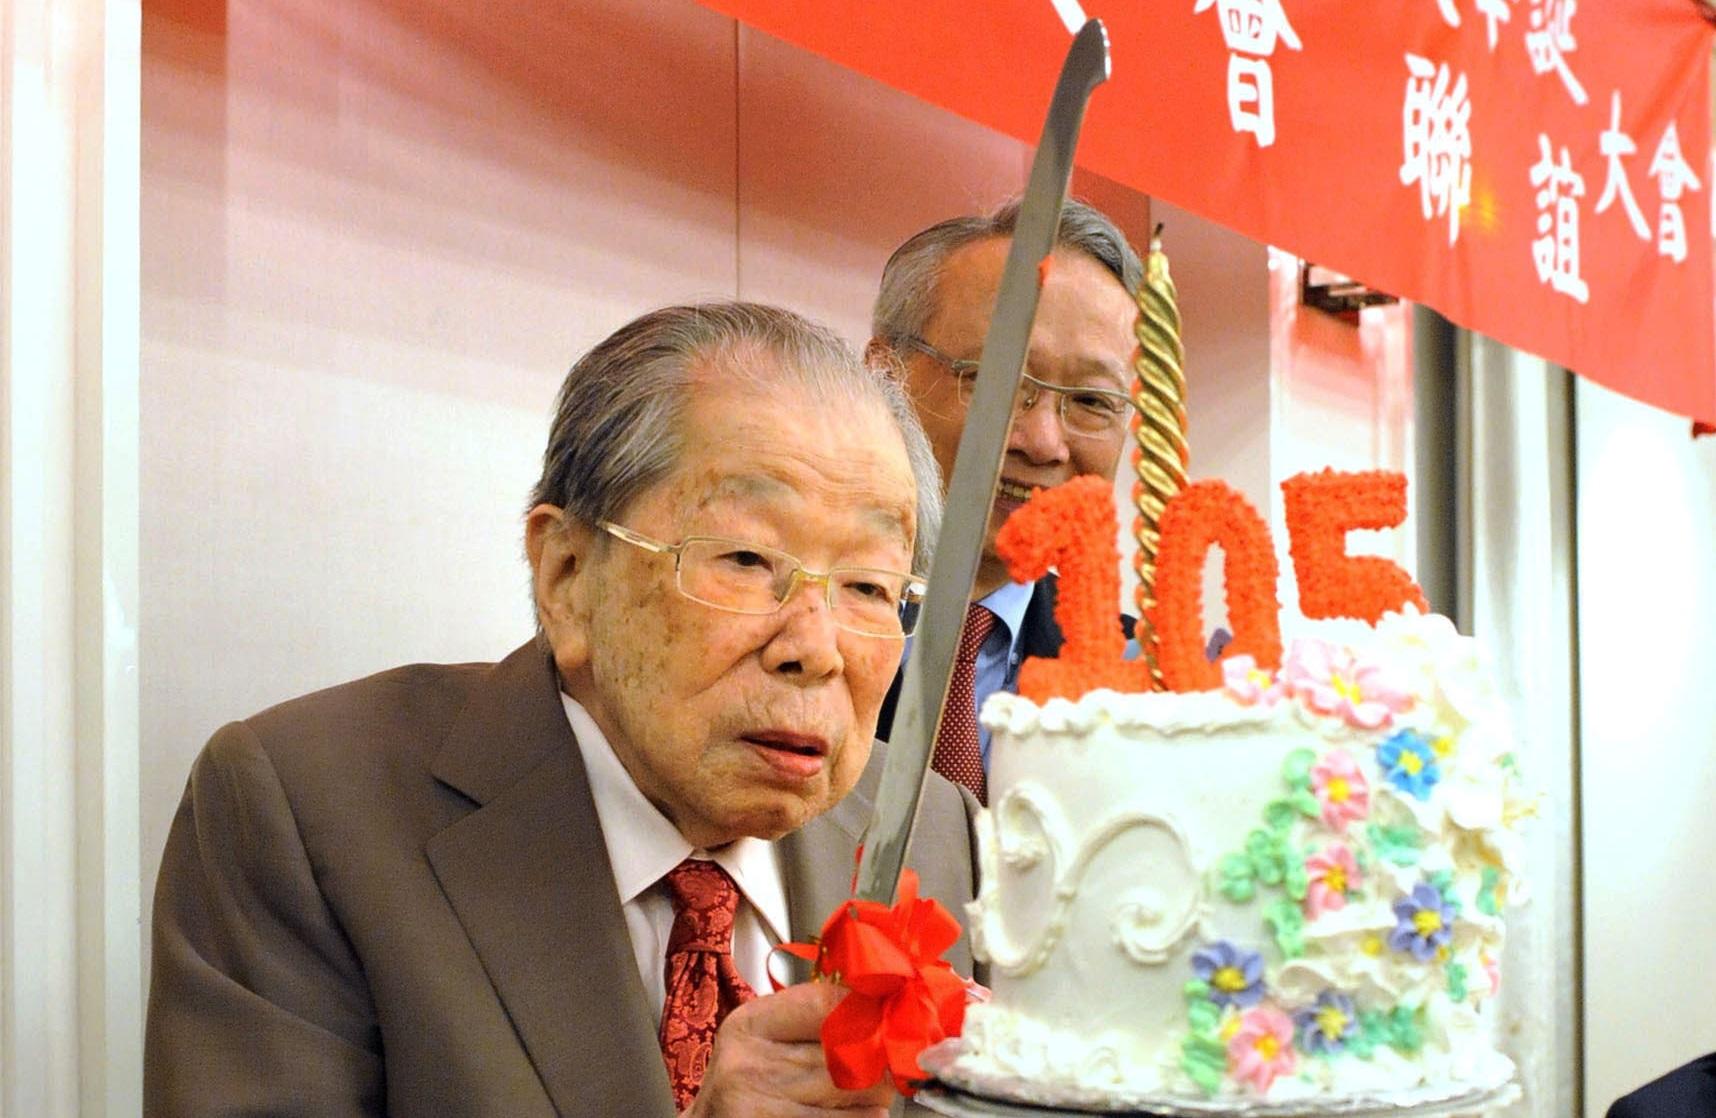 Cụ Shigeaki Hinohara cắt bánh chào đón sinh nhật lần thứ 105.